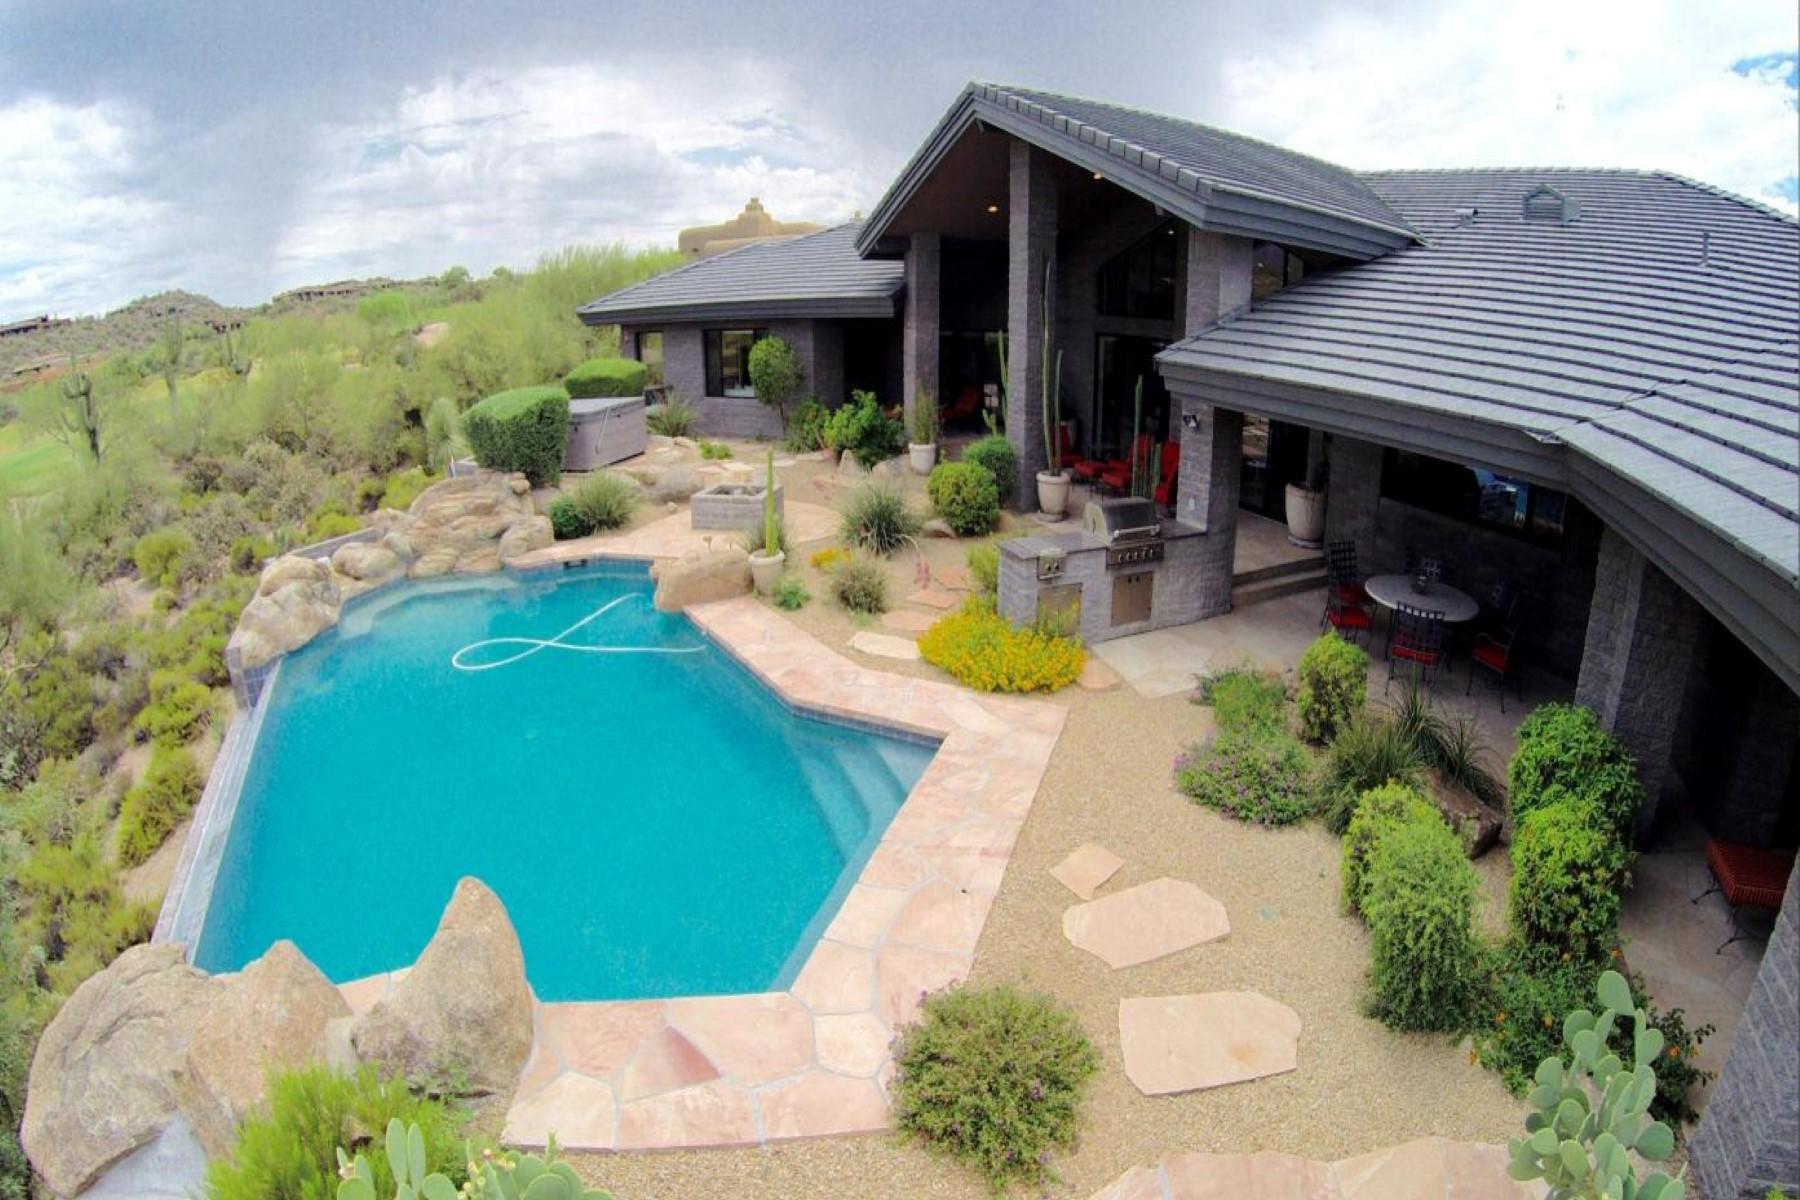 Moradia para Venda às Incredible splitface block contemporary with unobstructed golf course views. 9490 E RISING SUN DR Scottsdale, Arizona 85262 Estados Unidos